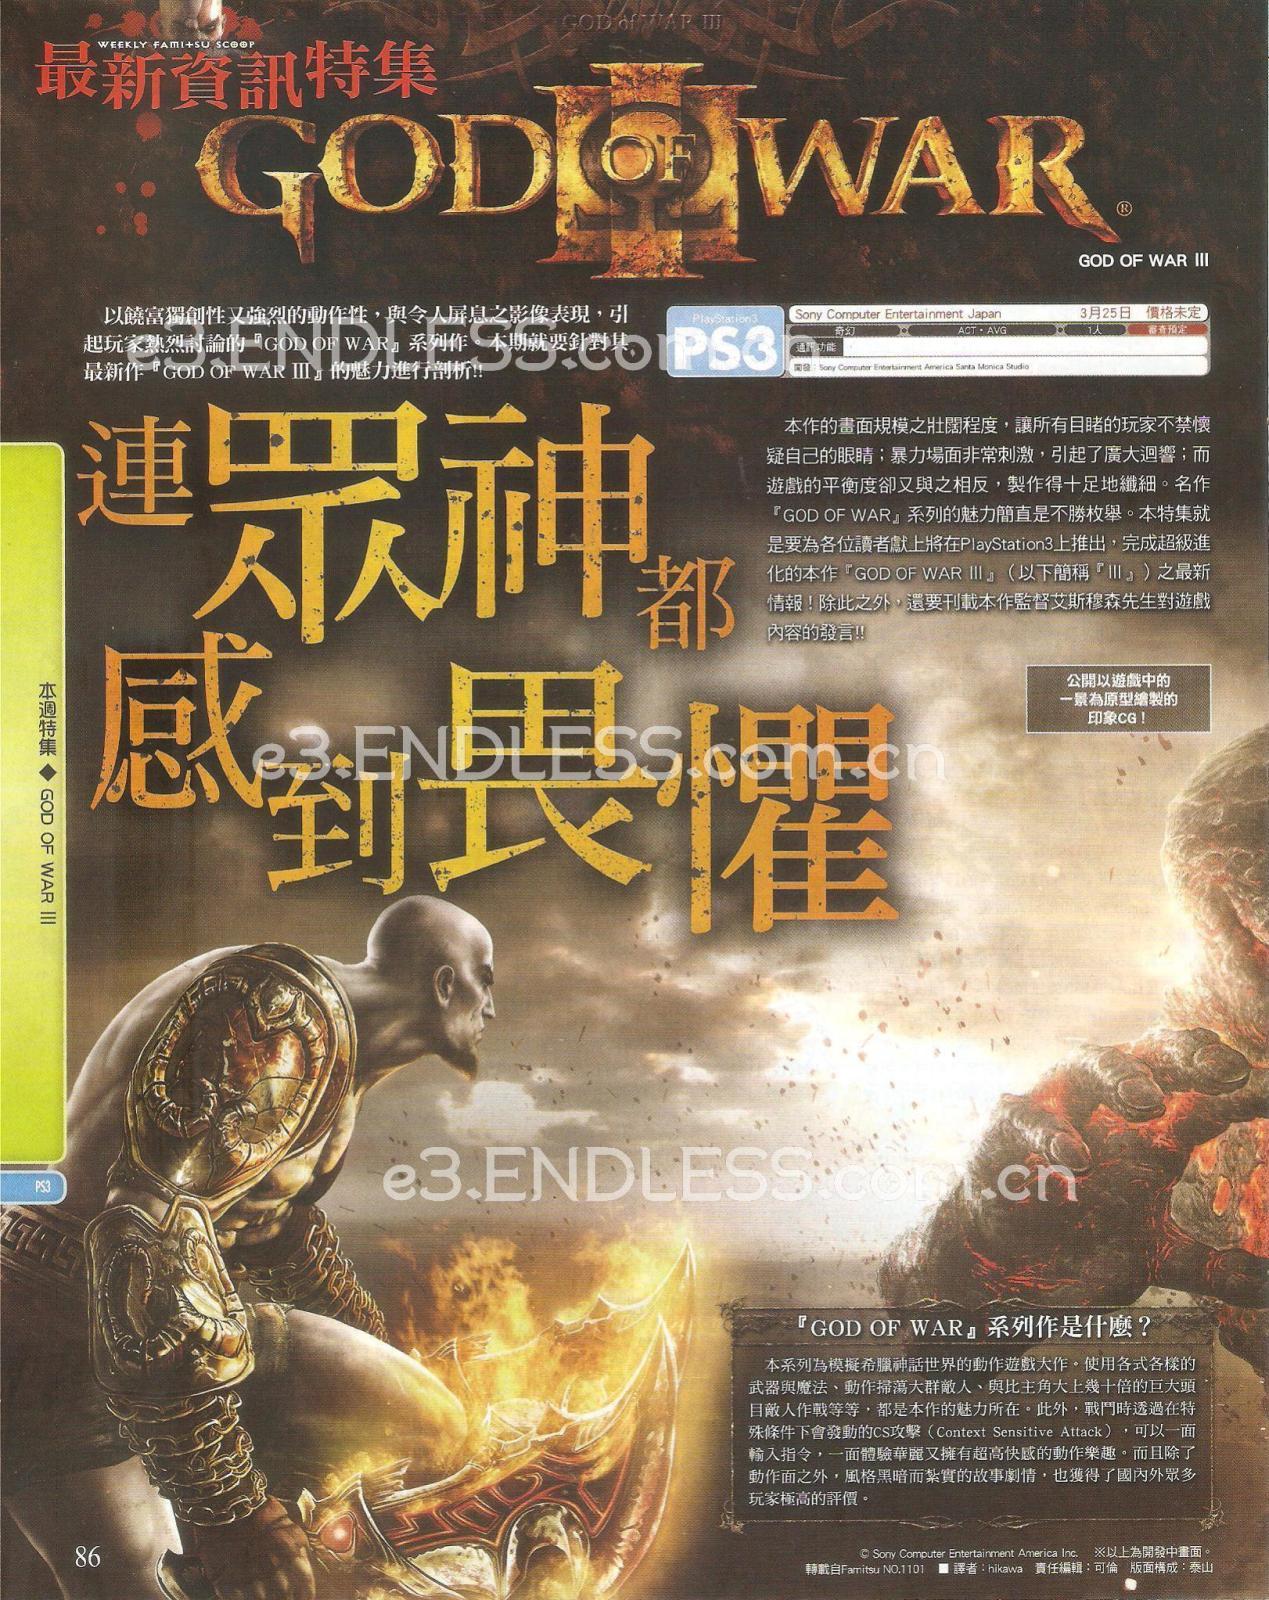 god_of_war_scan_6